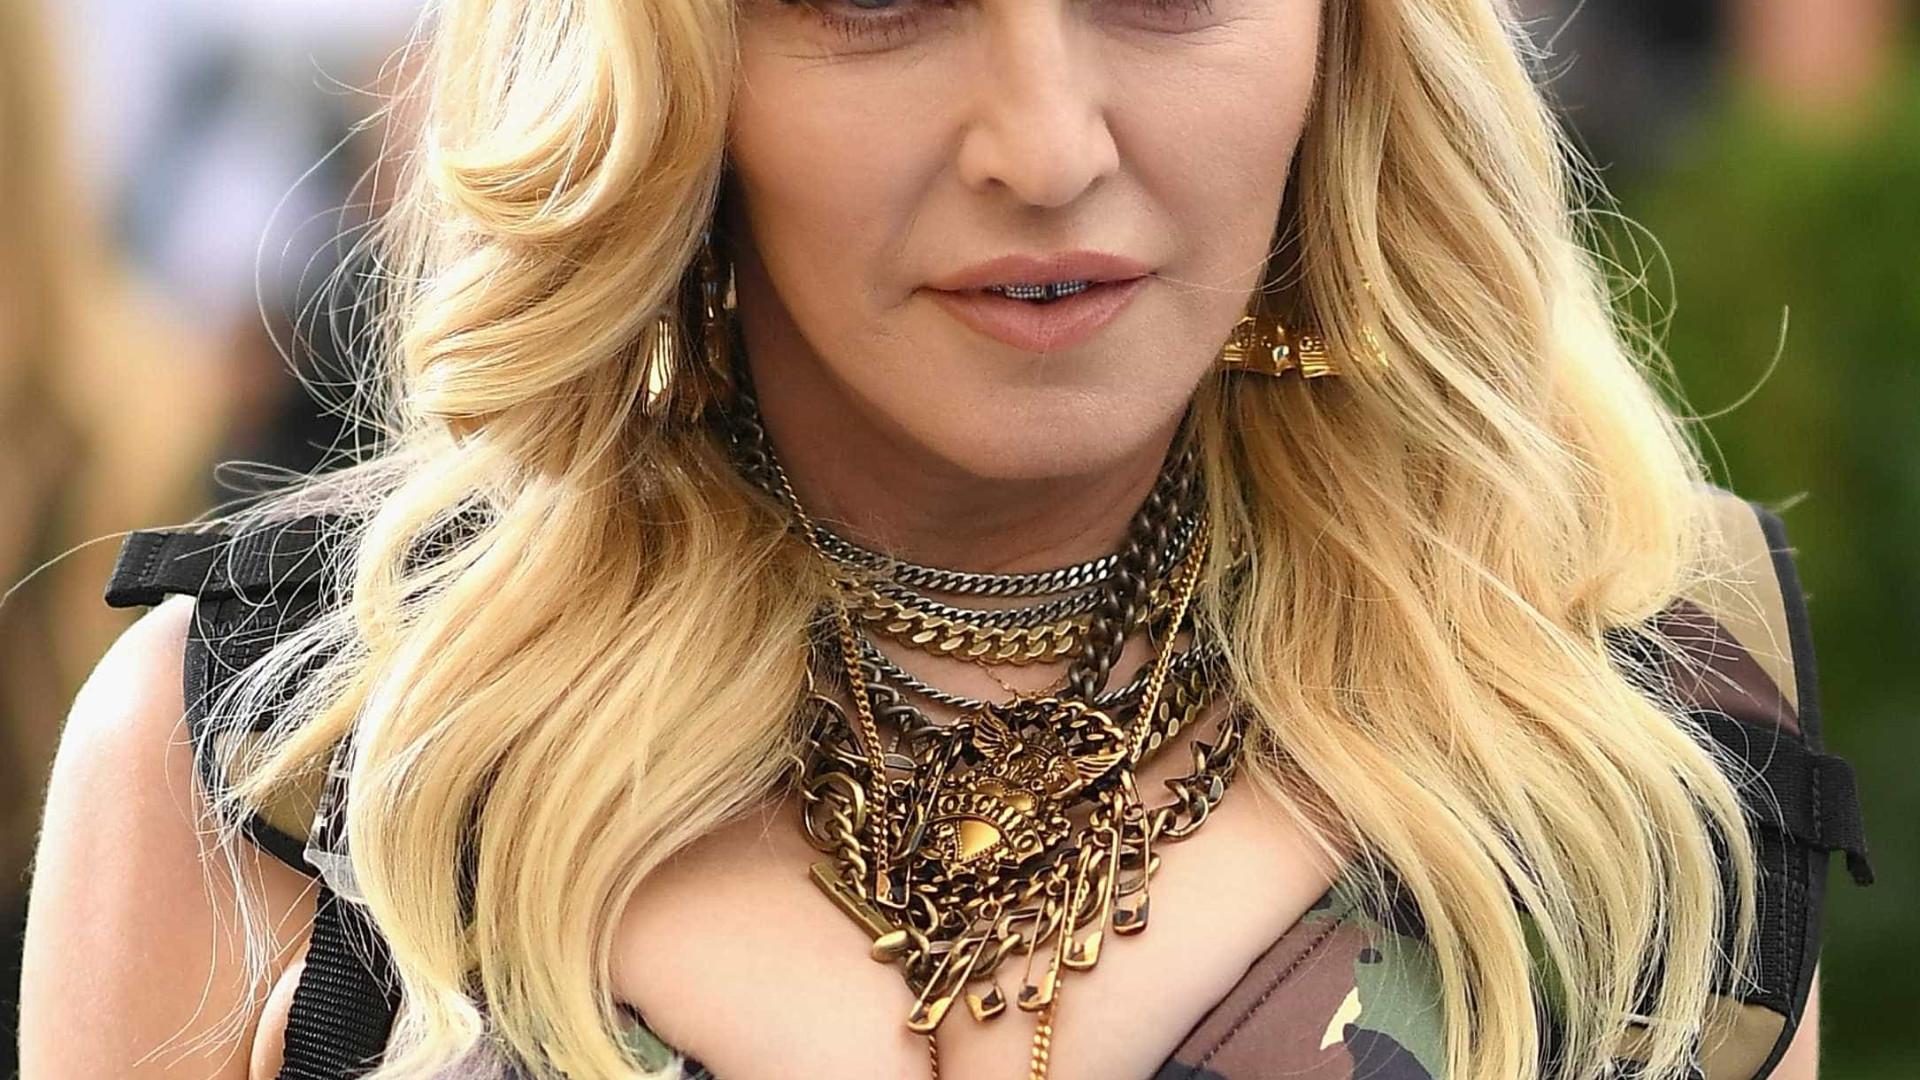 Fãs vão à loucura após Madonna curtir vídeo de Anitta no Instagram